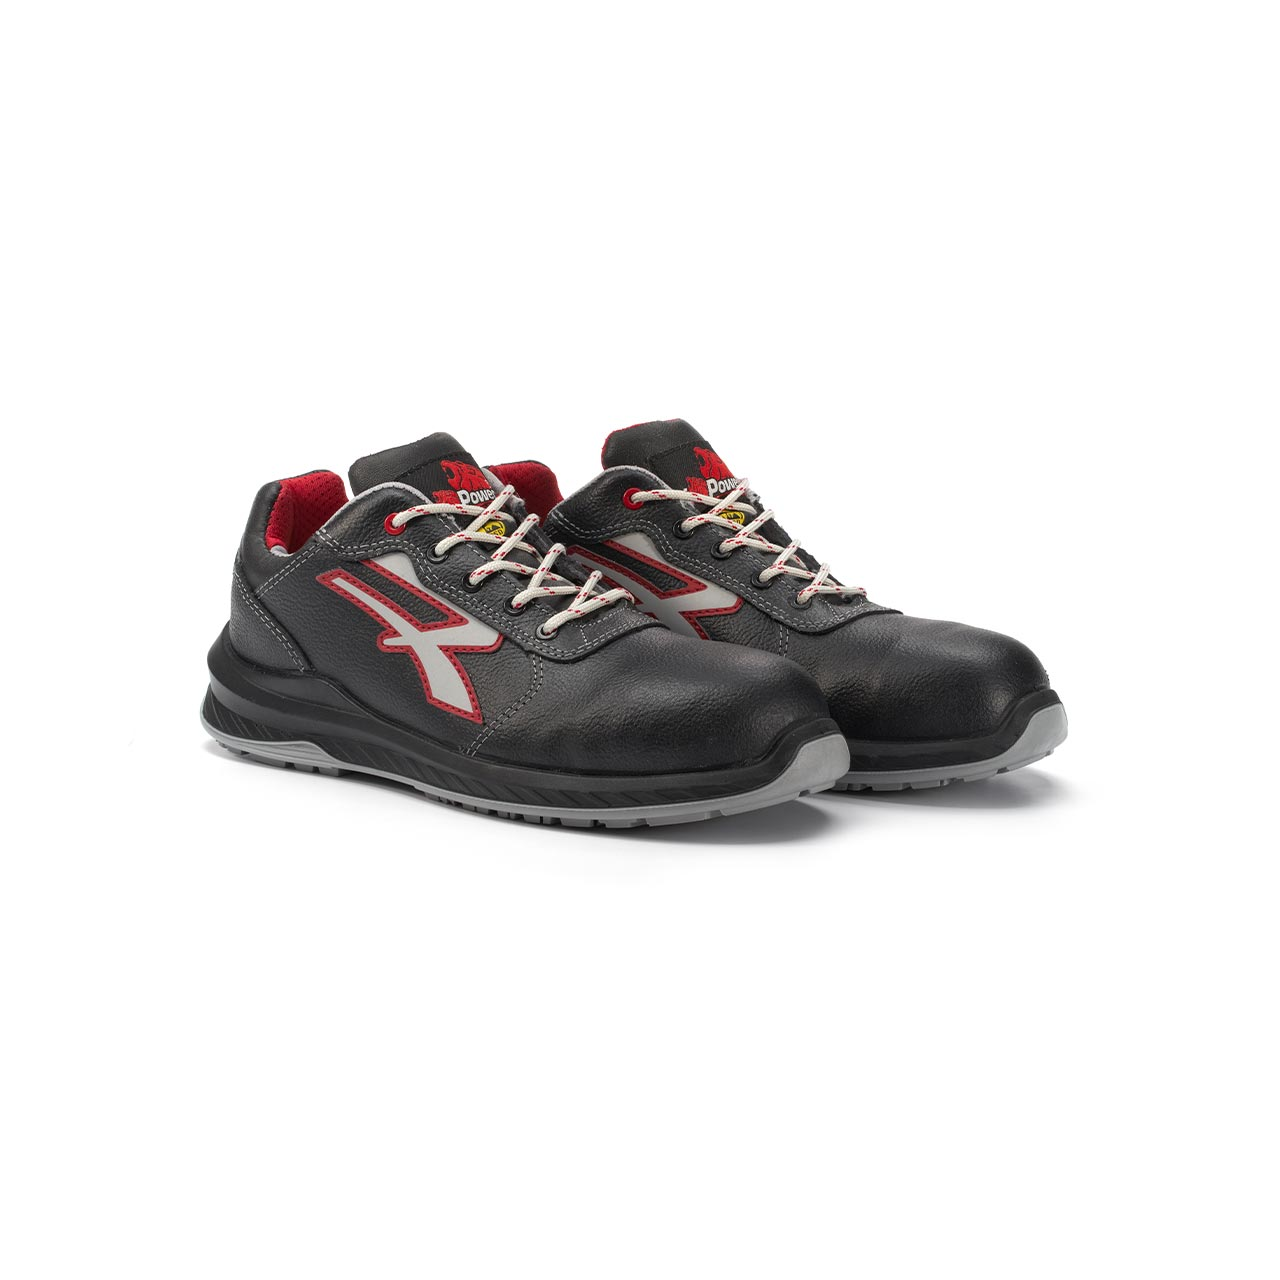 paio di scarpe antinfortunistiche upower modello parigi linea redindustry vista prospettica